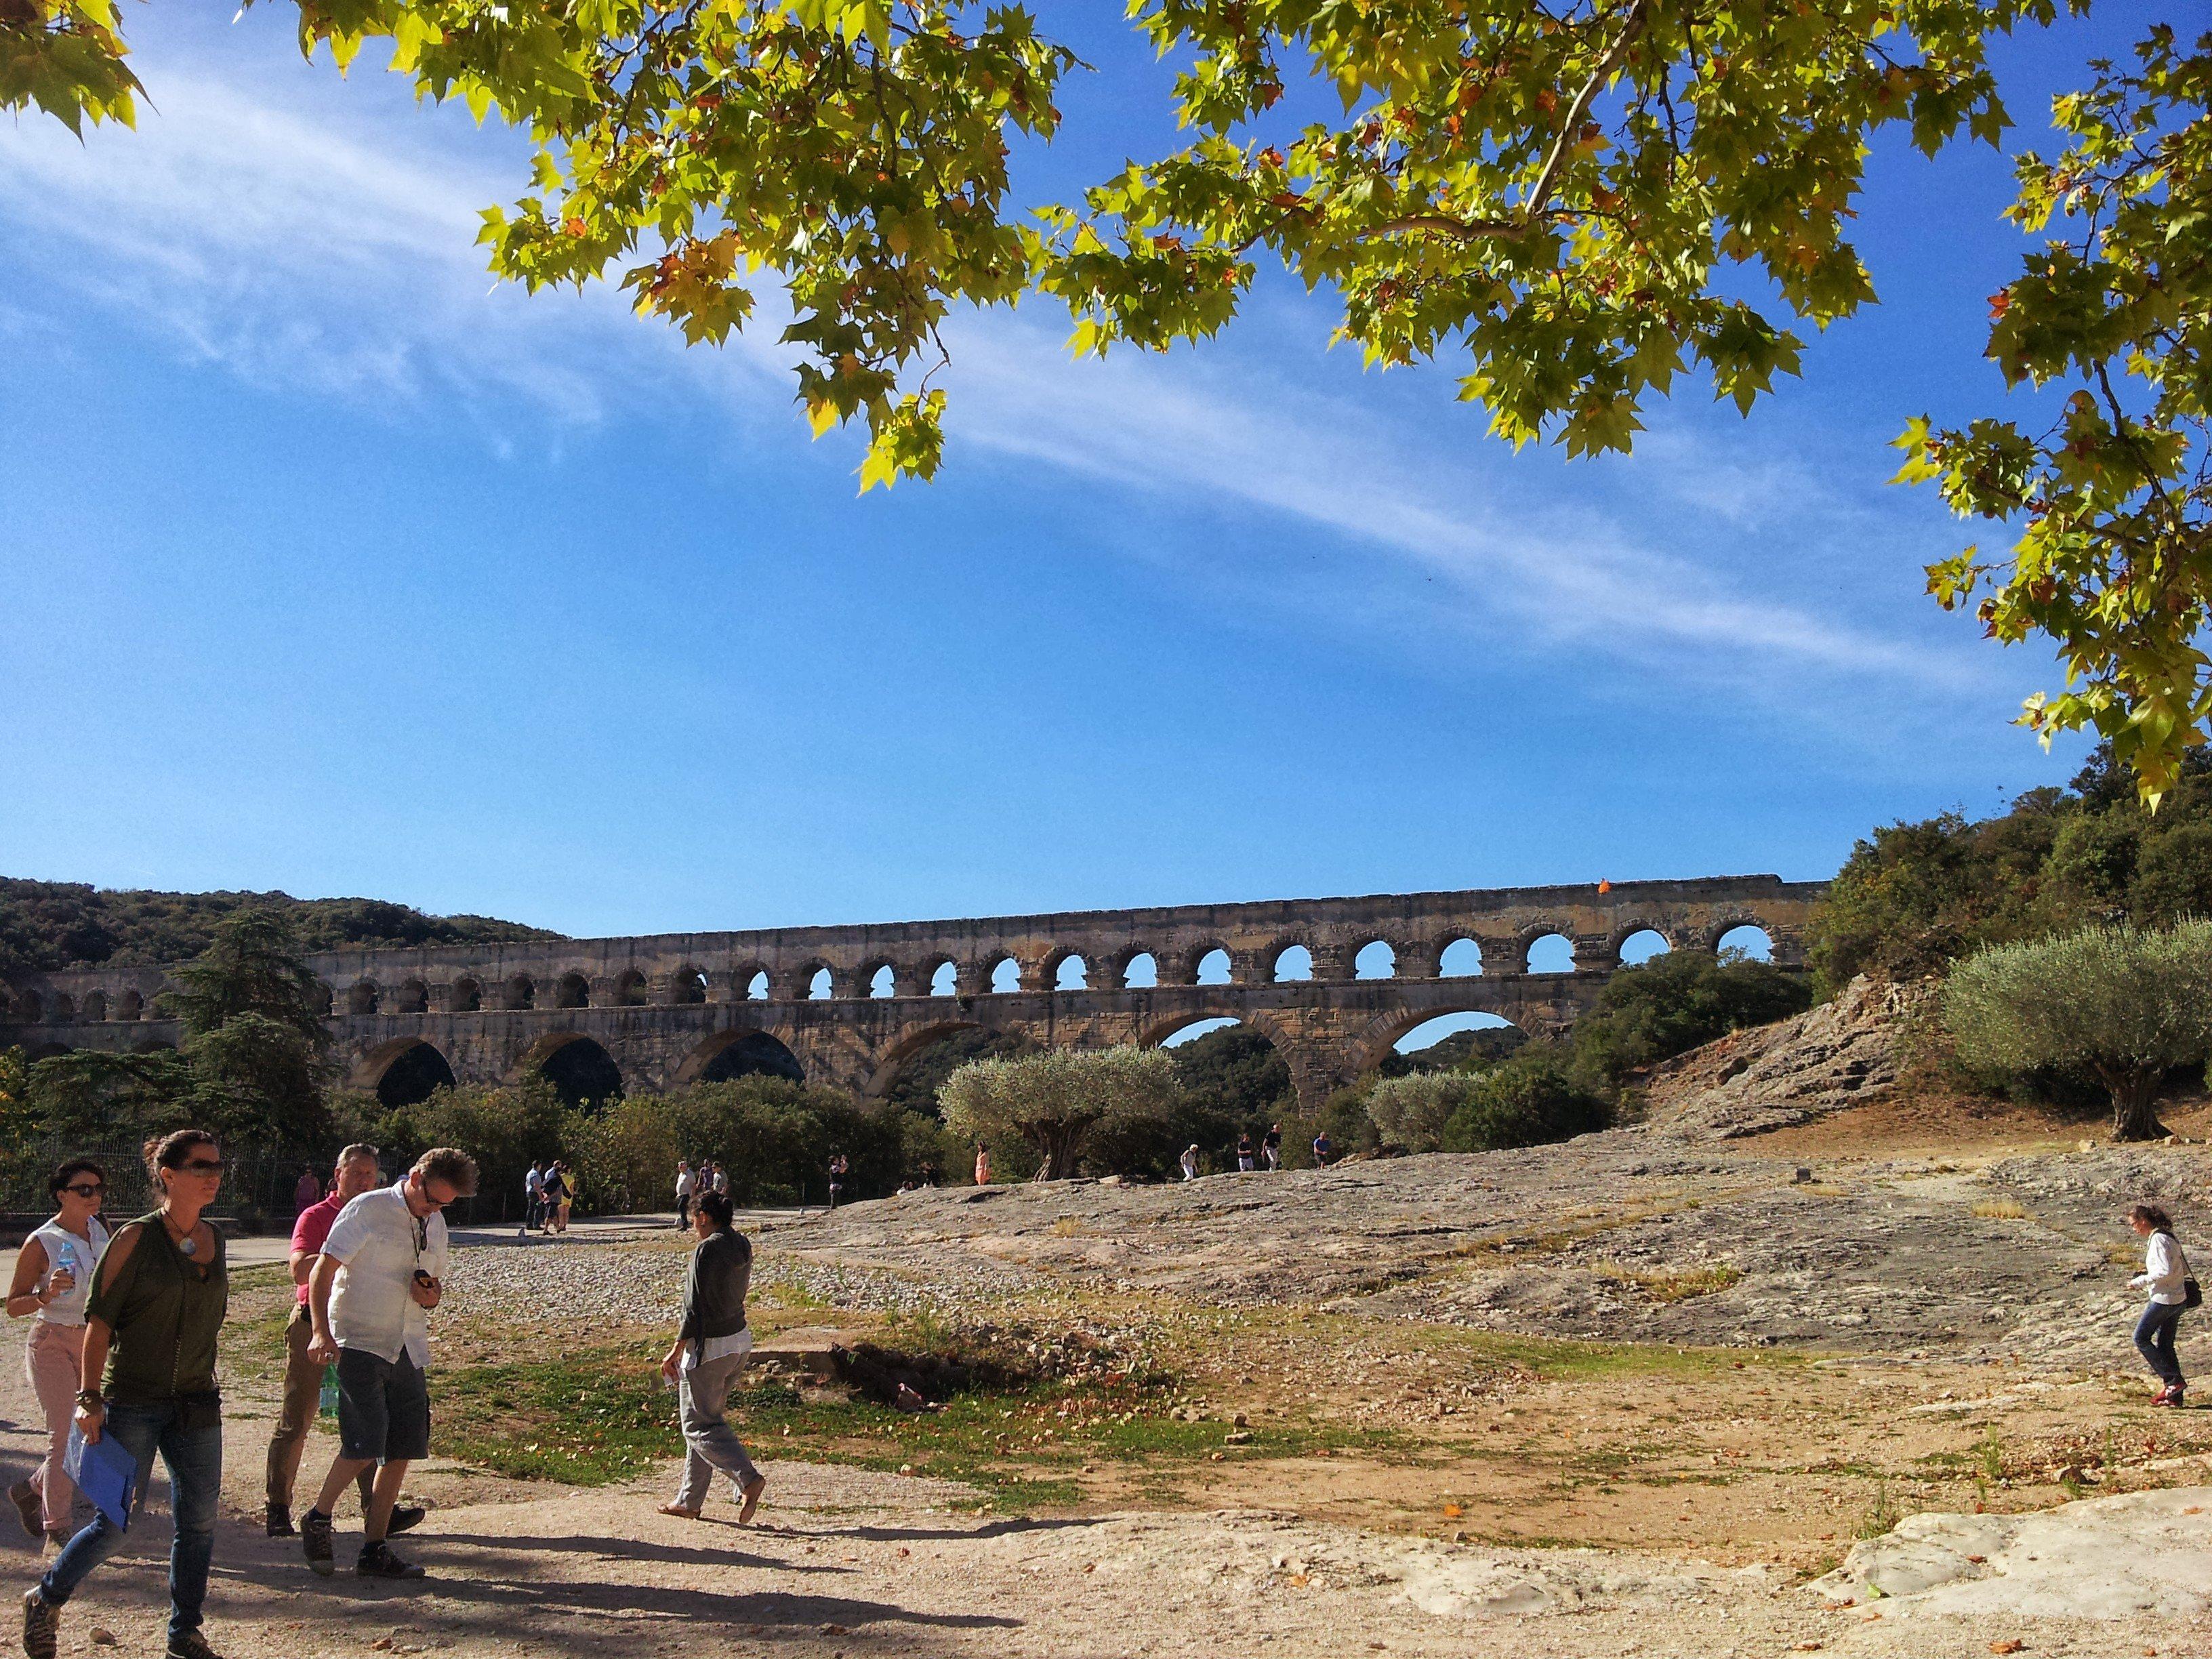 Visit Pont du Gard in September